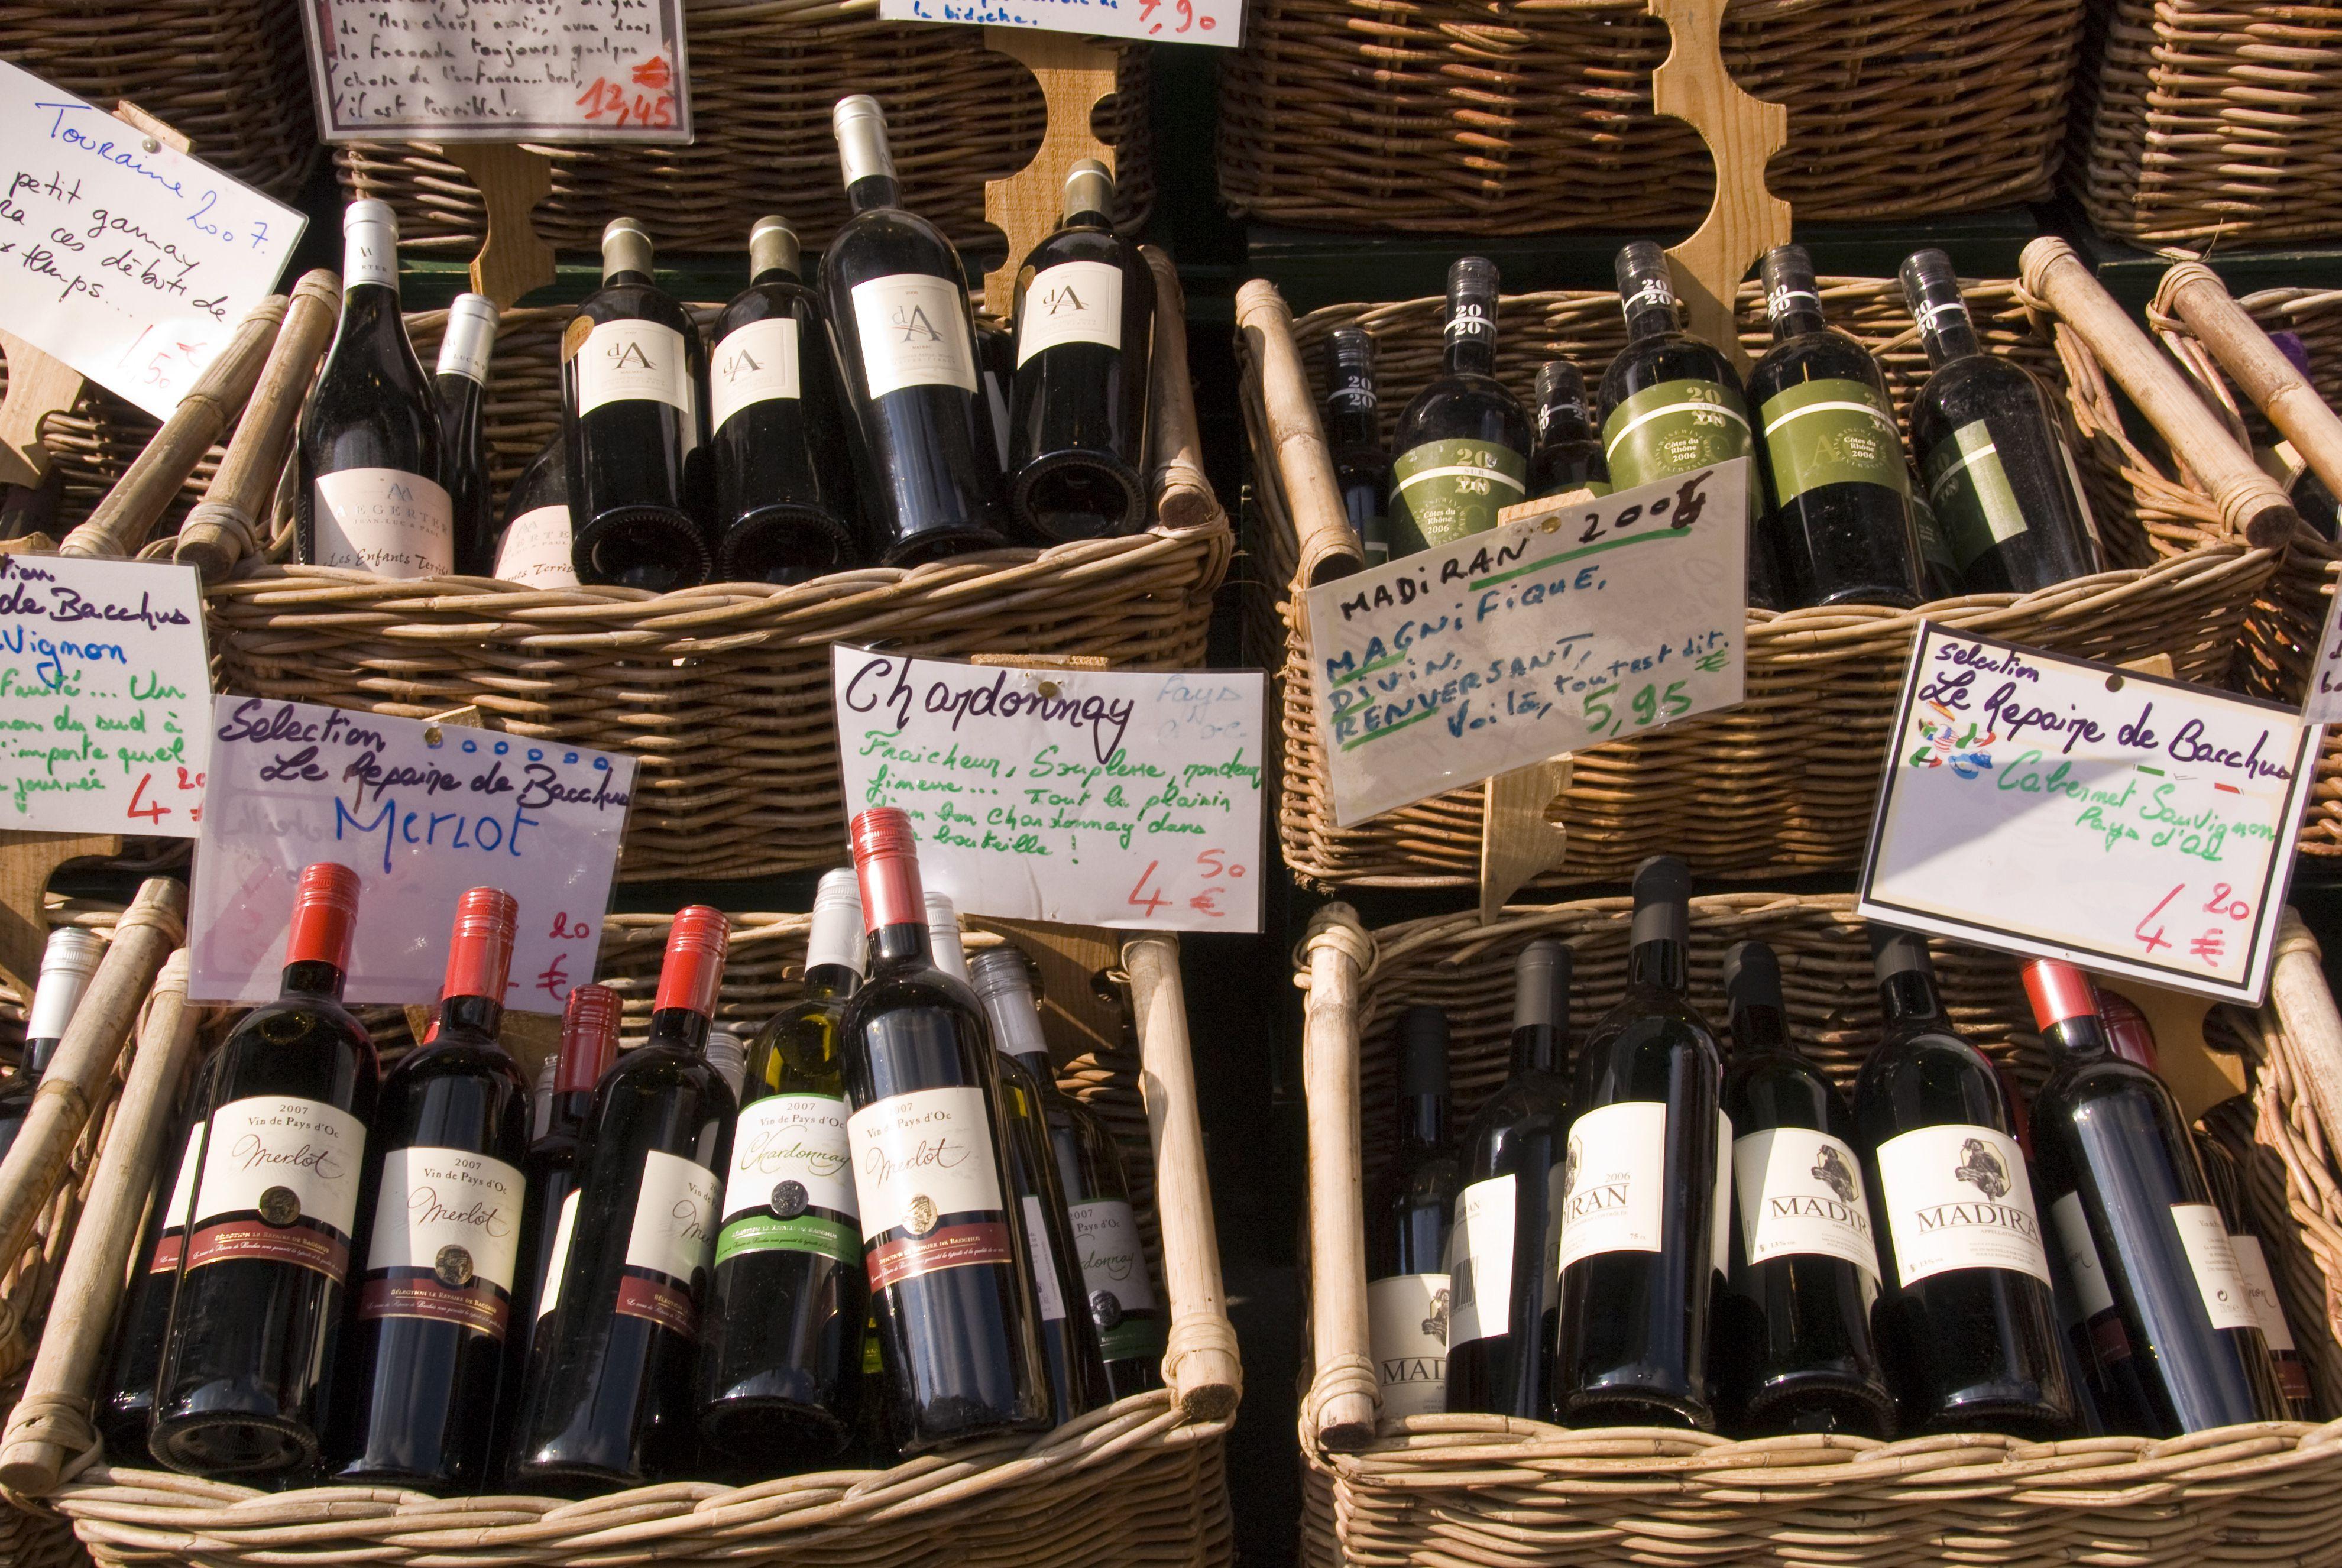 Wine shop in Paris.